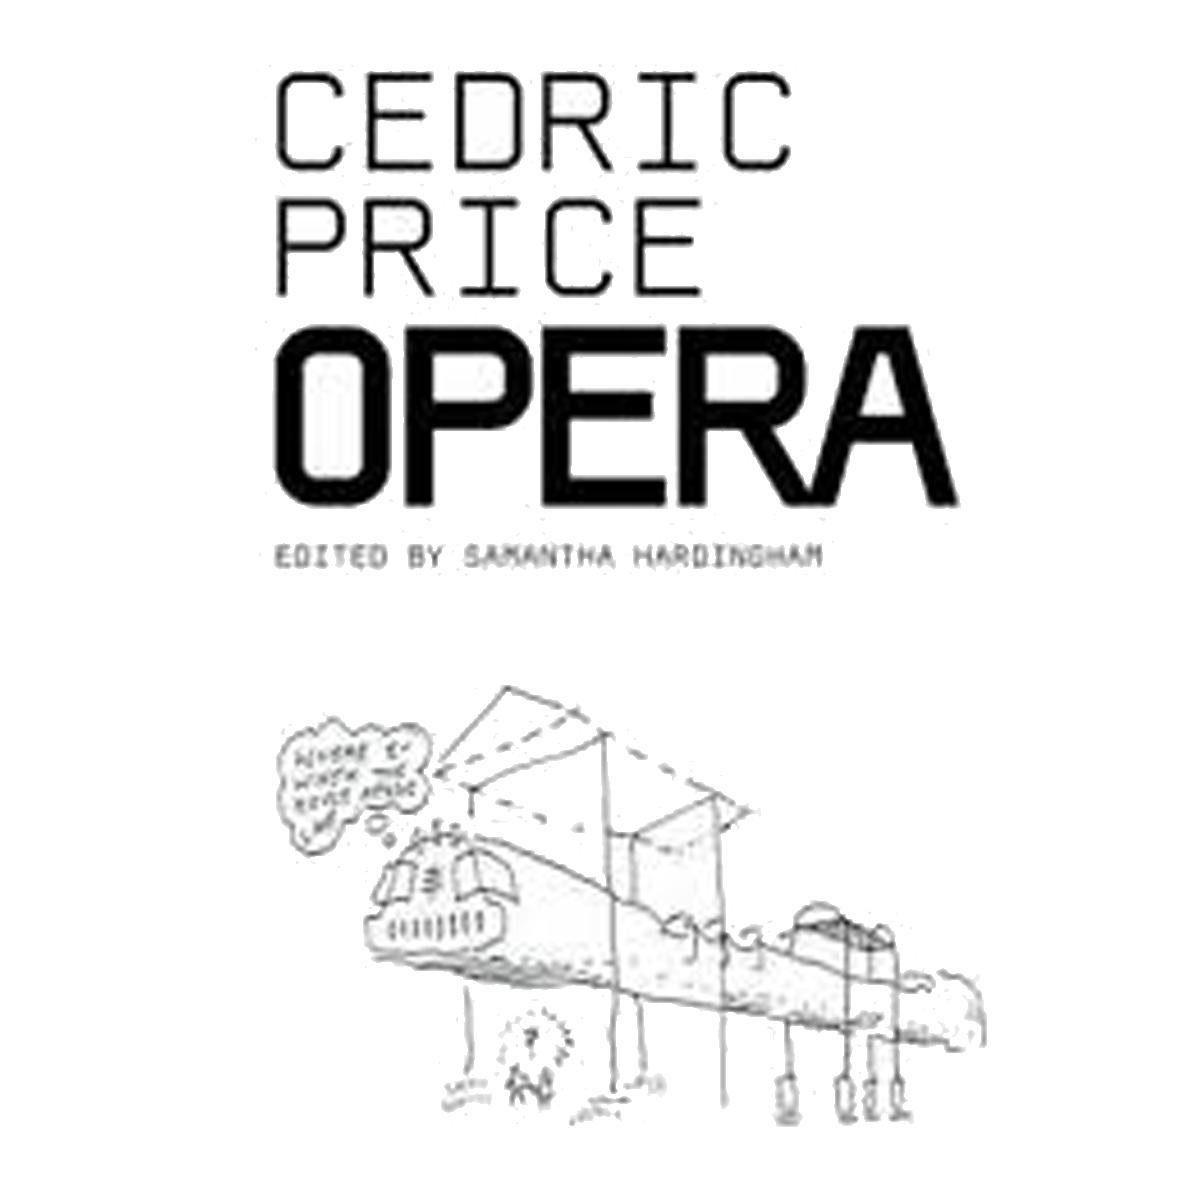 Cedric Price Opera